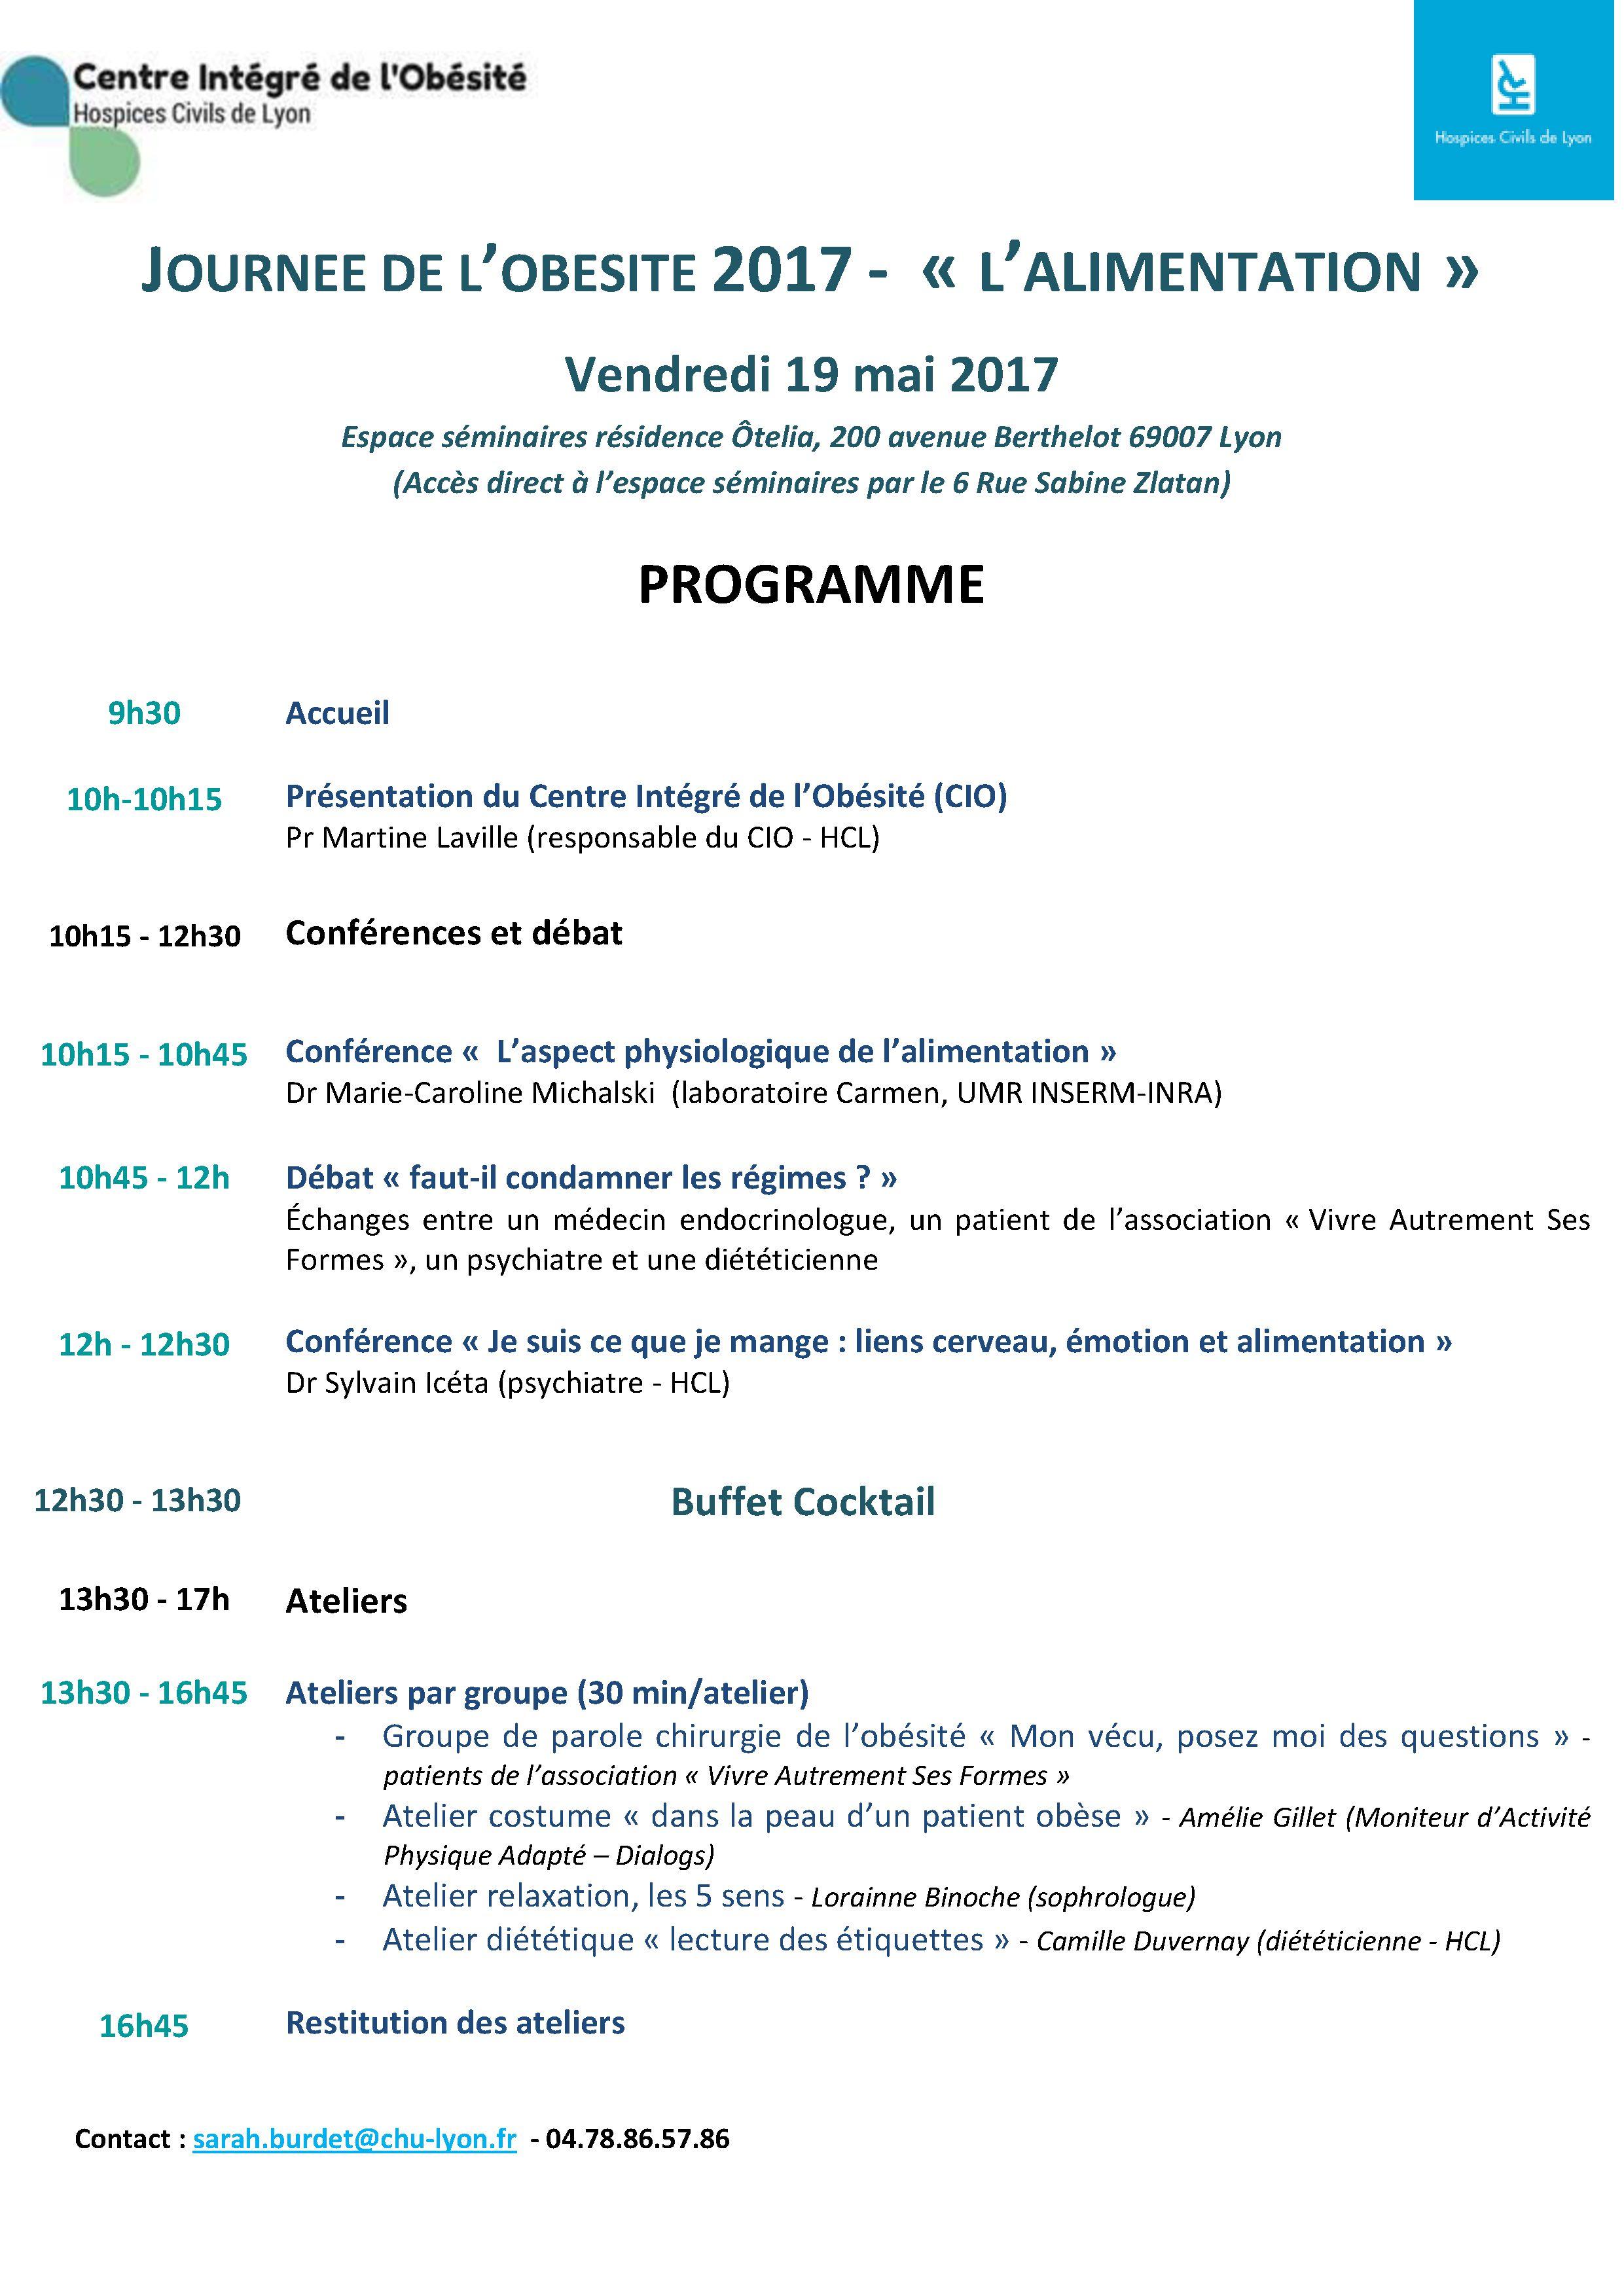 Programme Journée obésité 2017_1